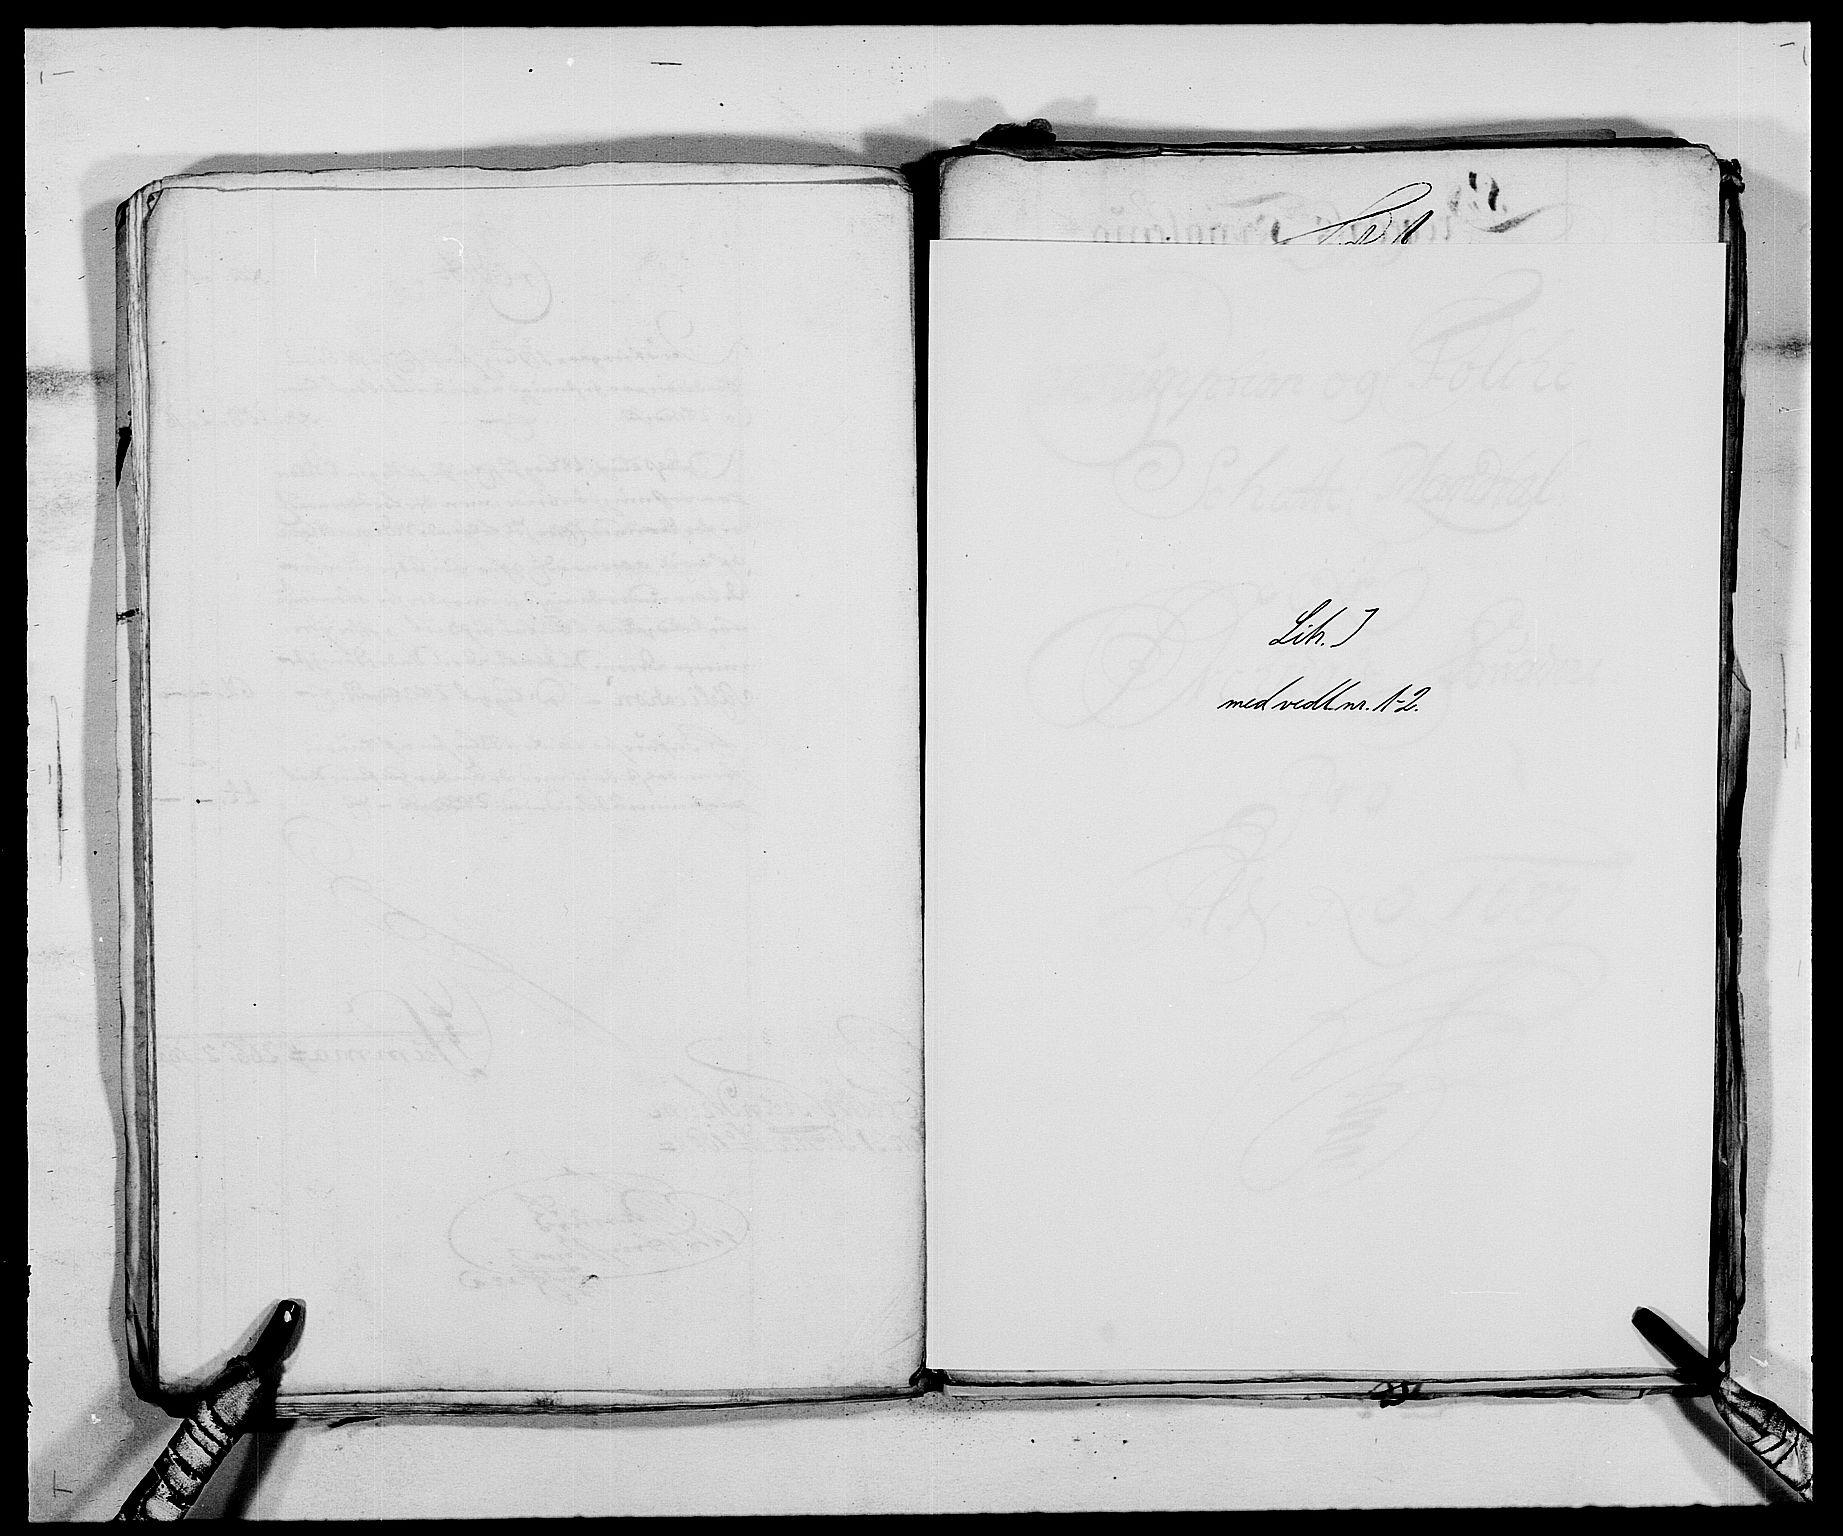 RA, Rentekammeret inntil 1814, Reviderte regnskaper, Fogderegnskap, R58/L3935: Fogderegnskap Orkdal, 1687-1688, s. 112